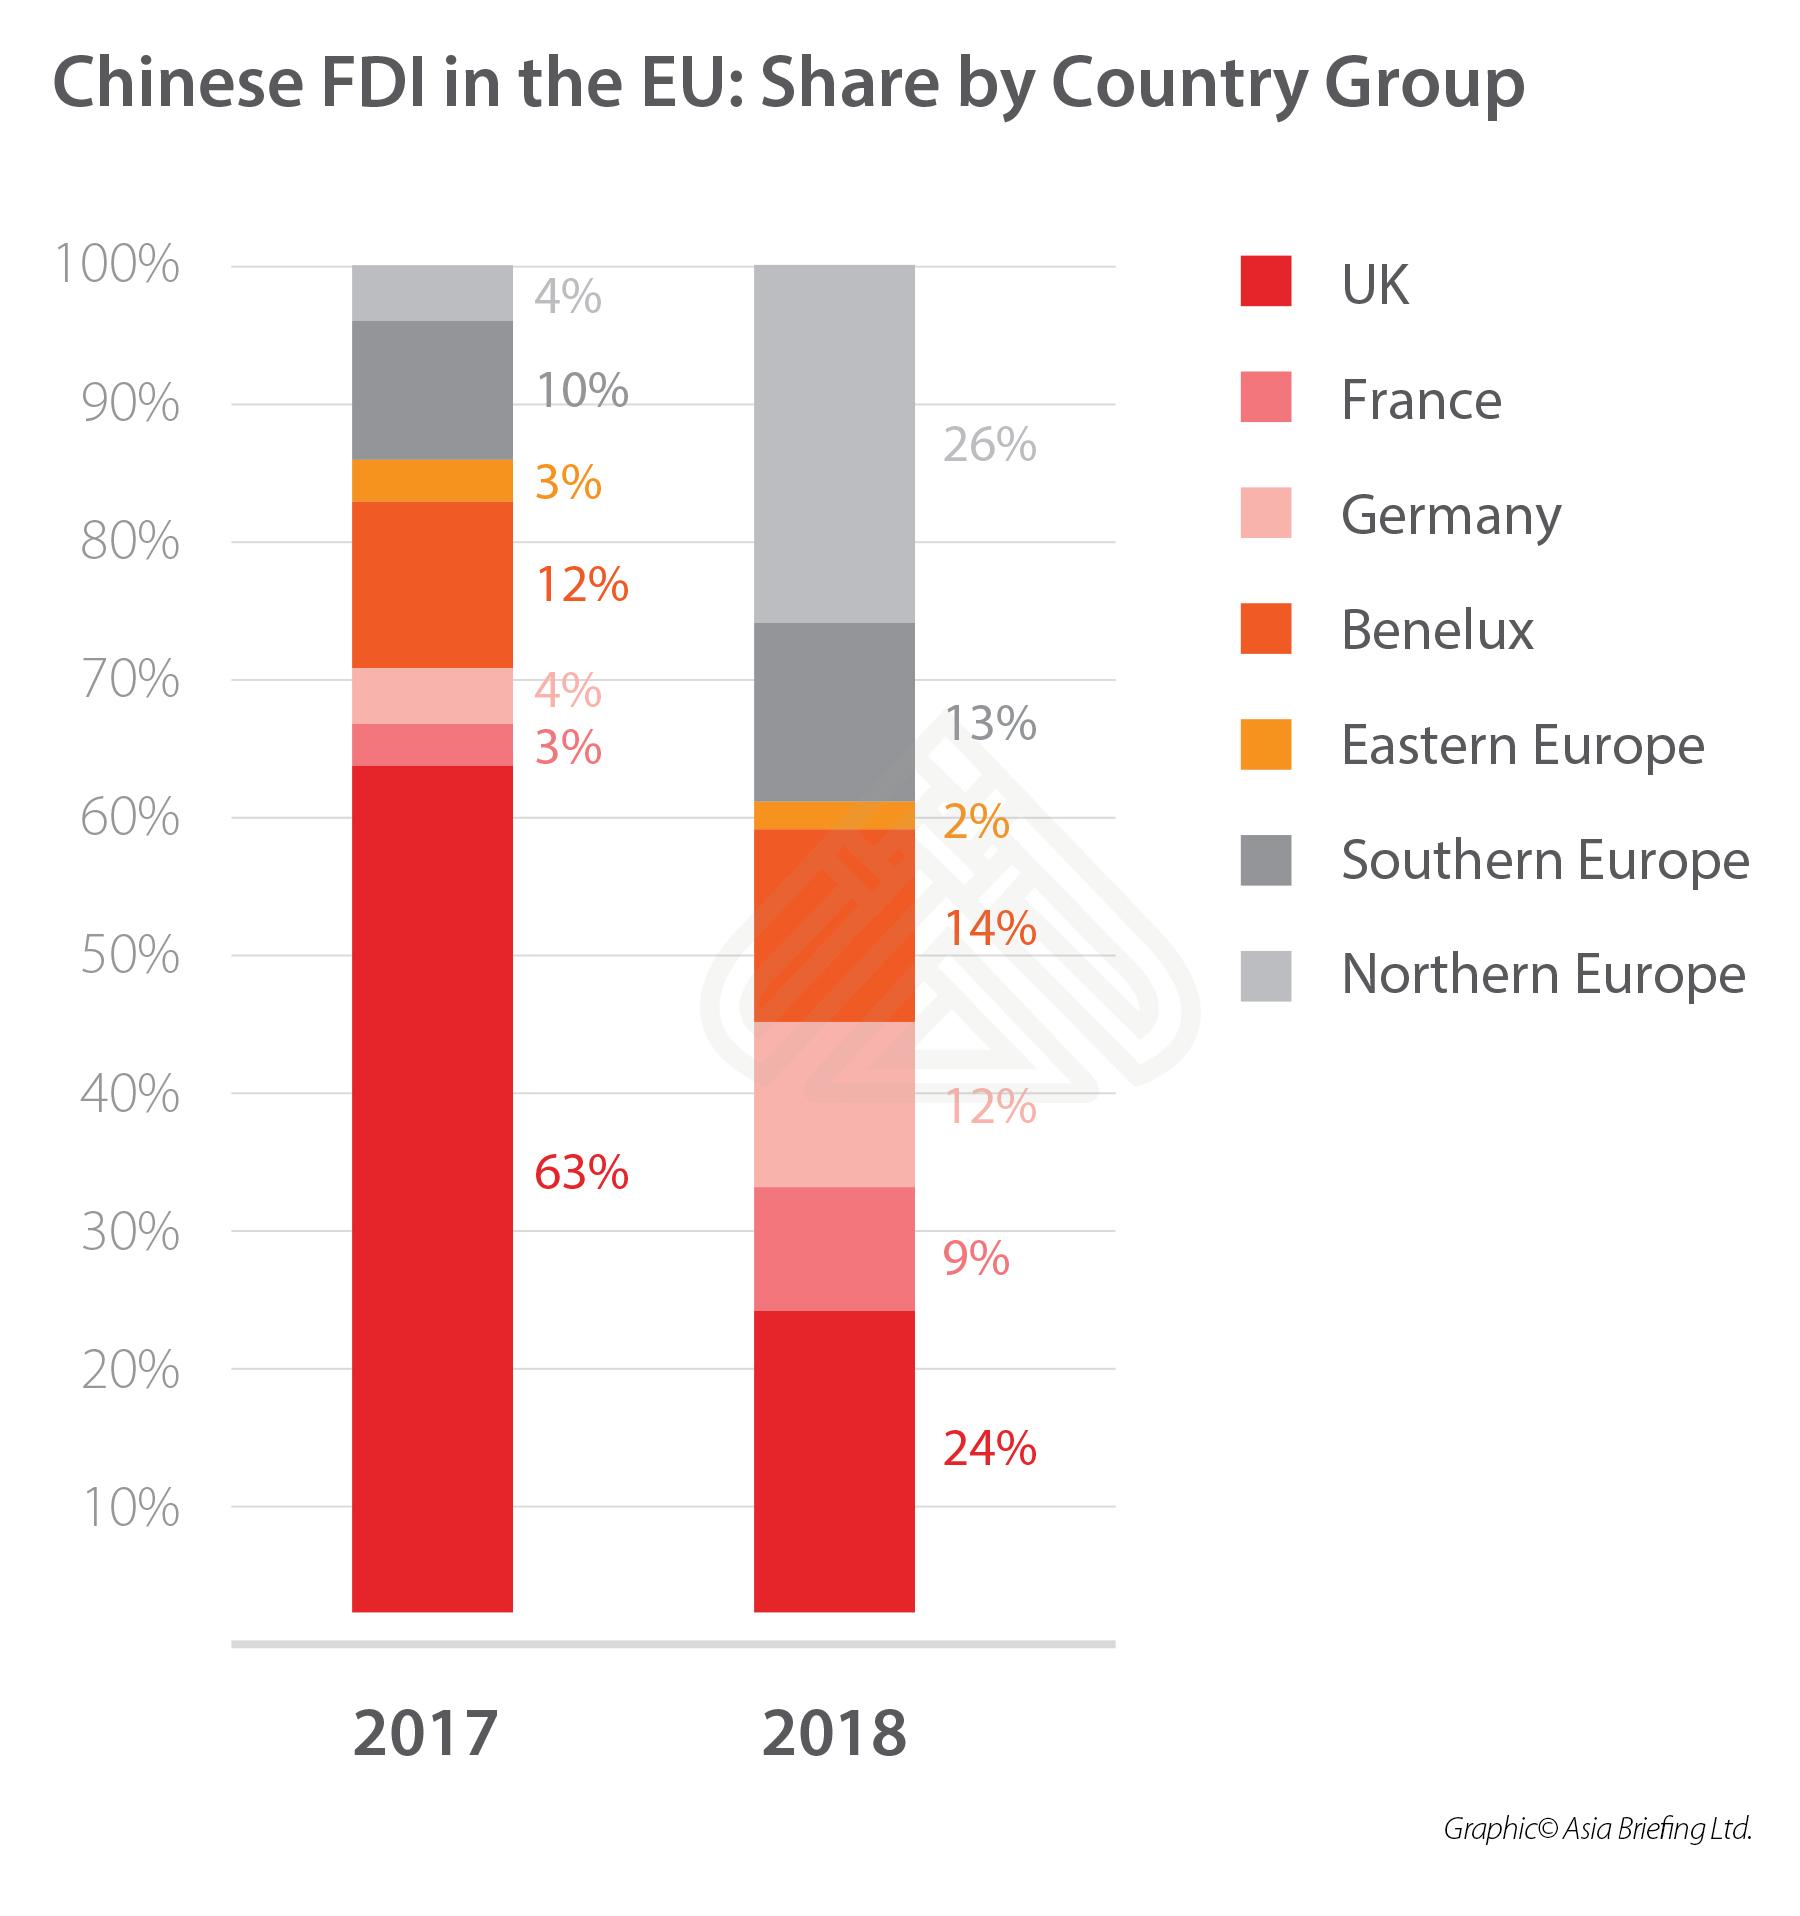 chinese-fdi-eu-2017-2018